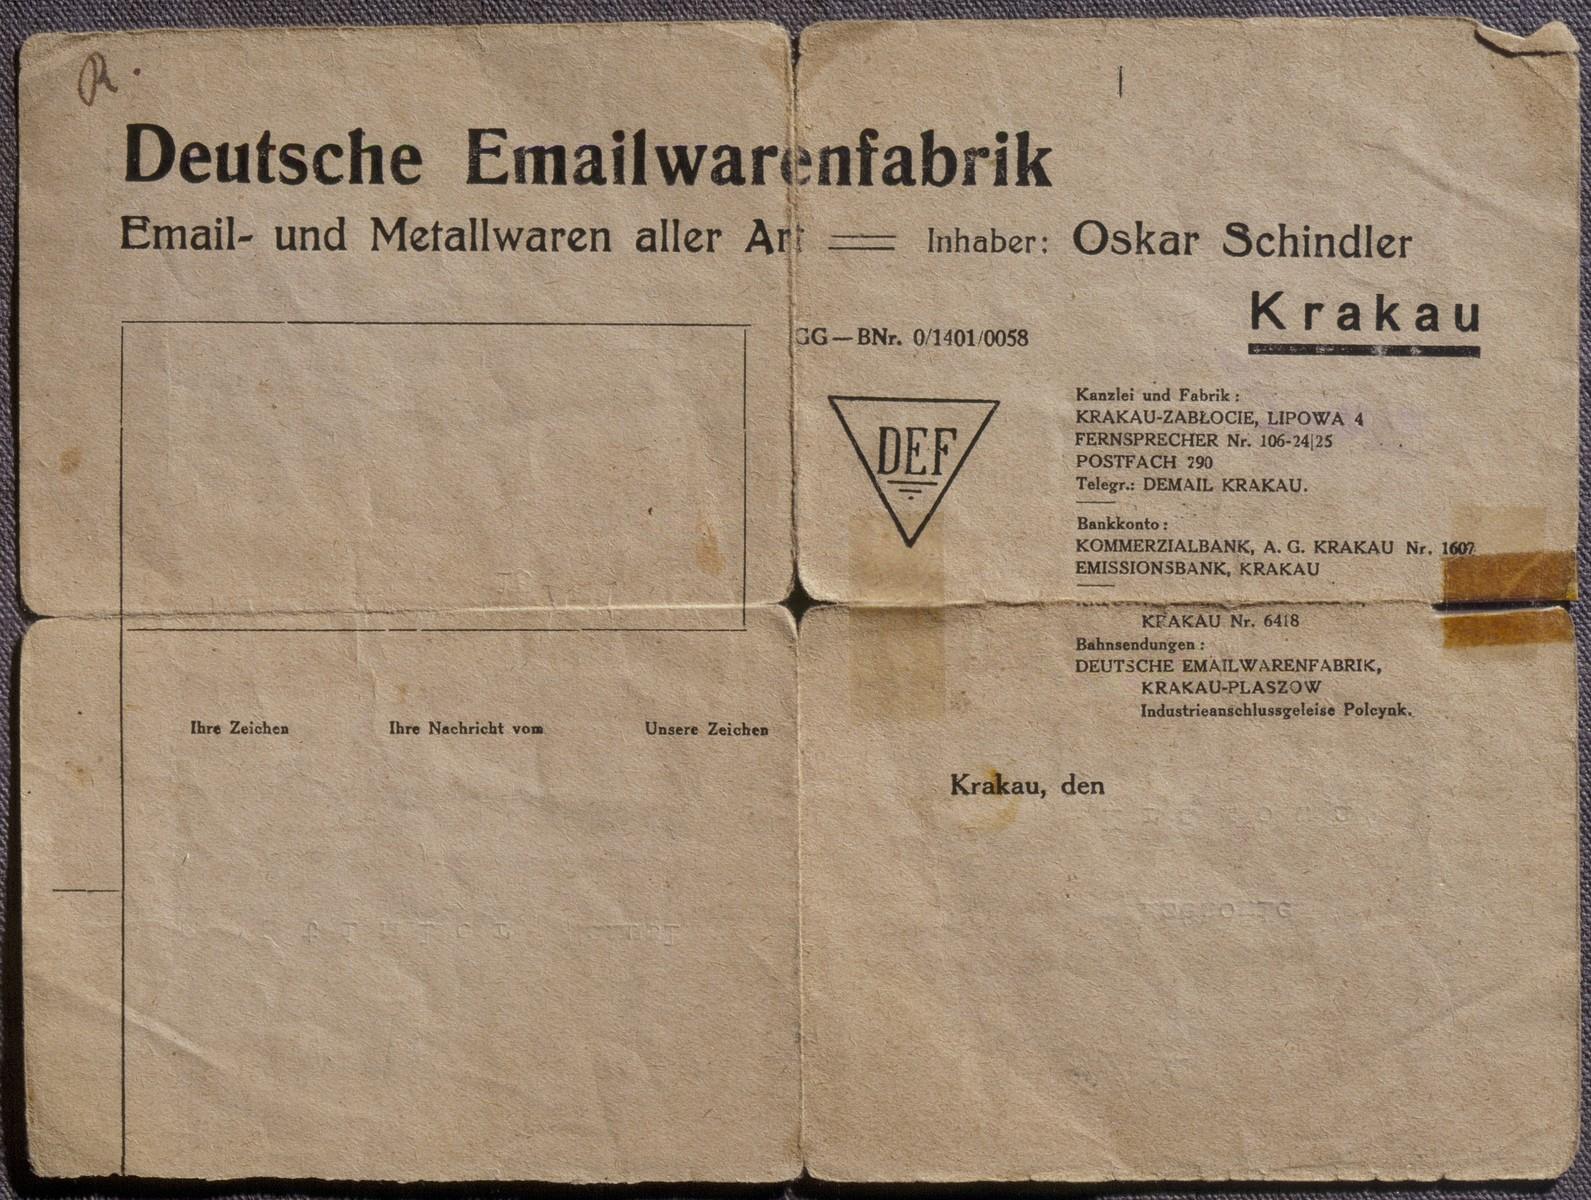 Letterhead of Oskar Schindler's Emaila enamelworks factory in Krakow.